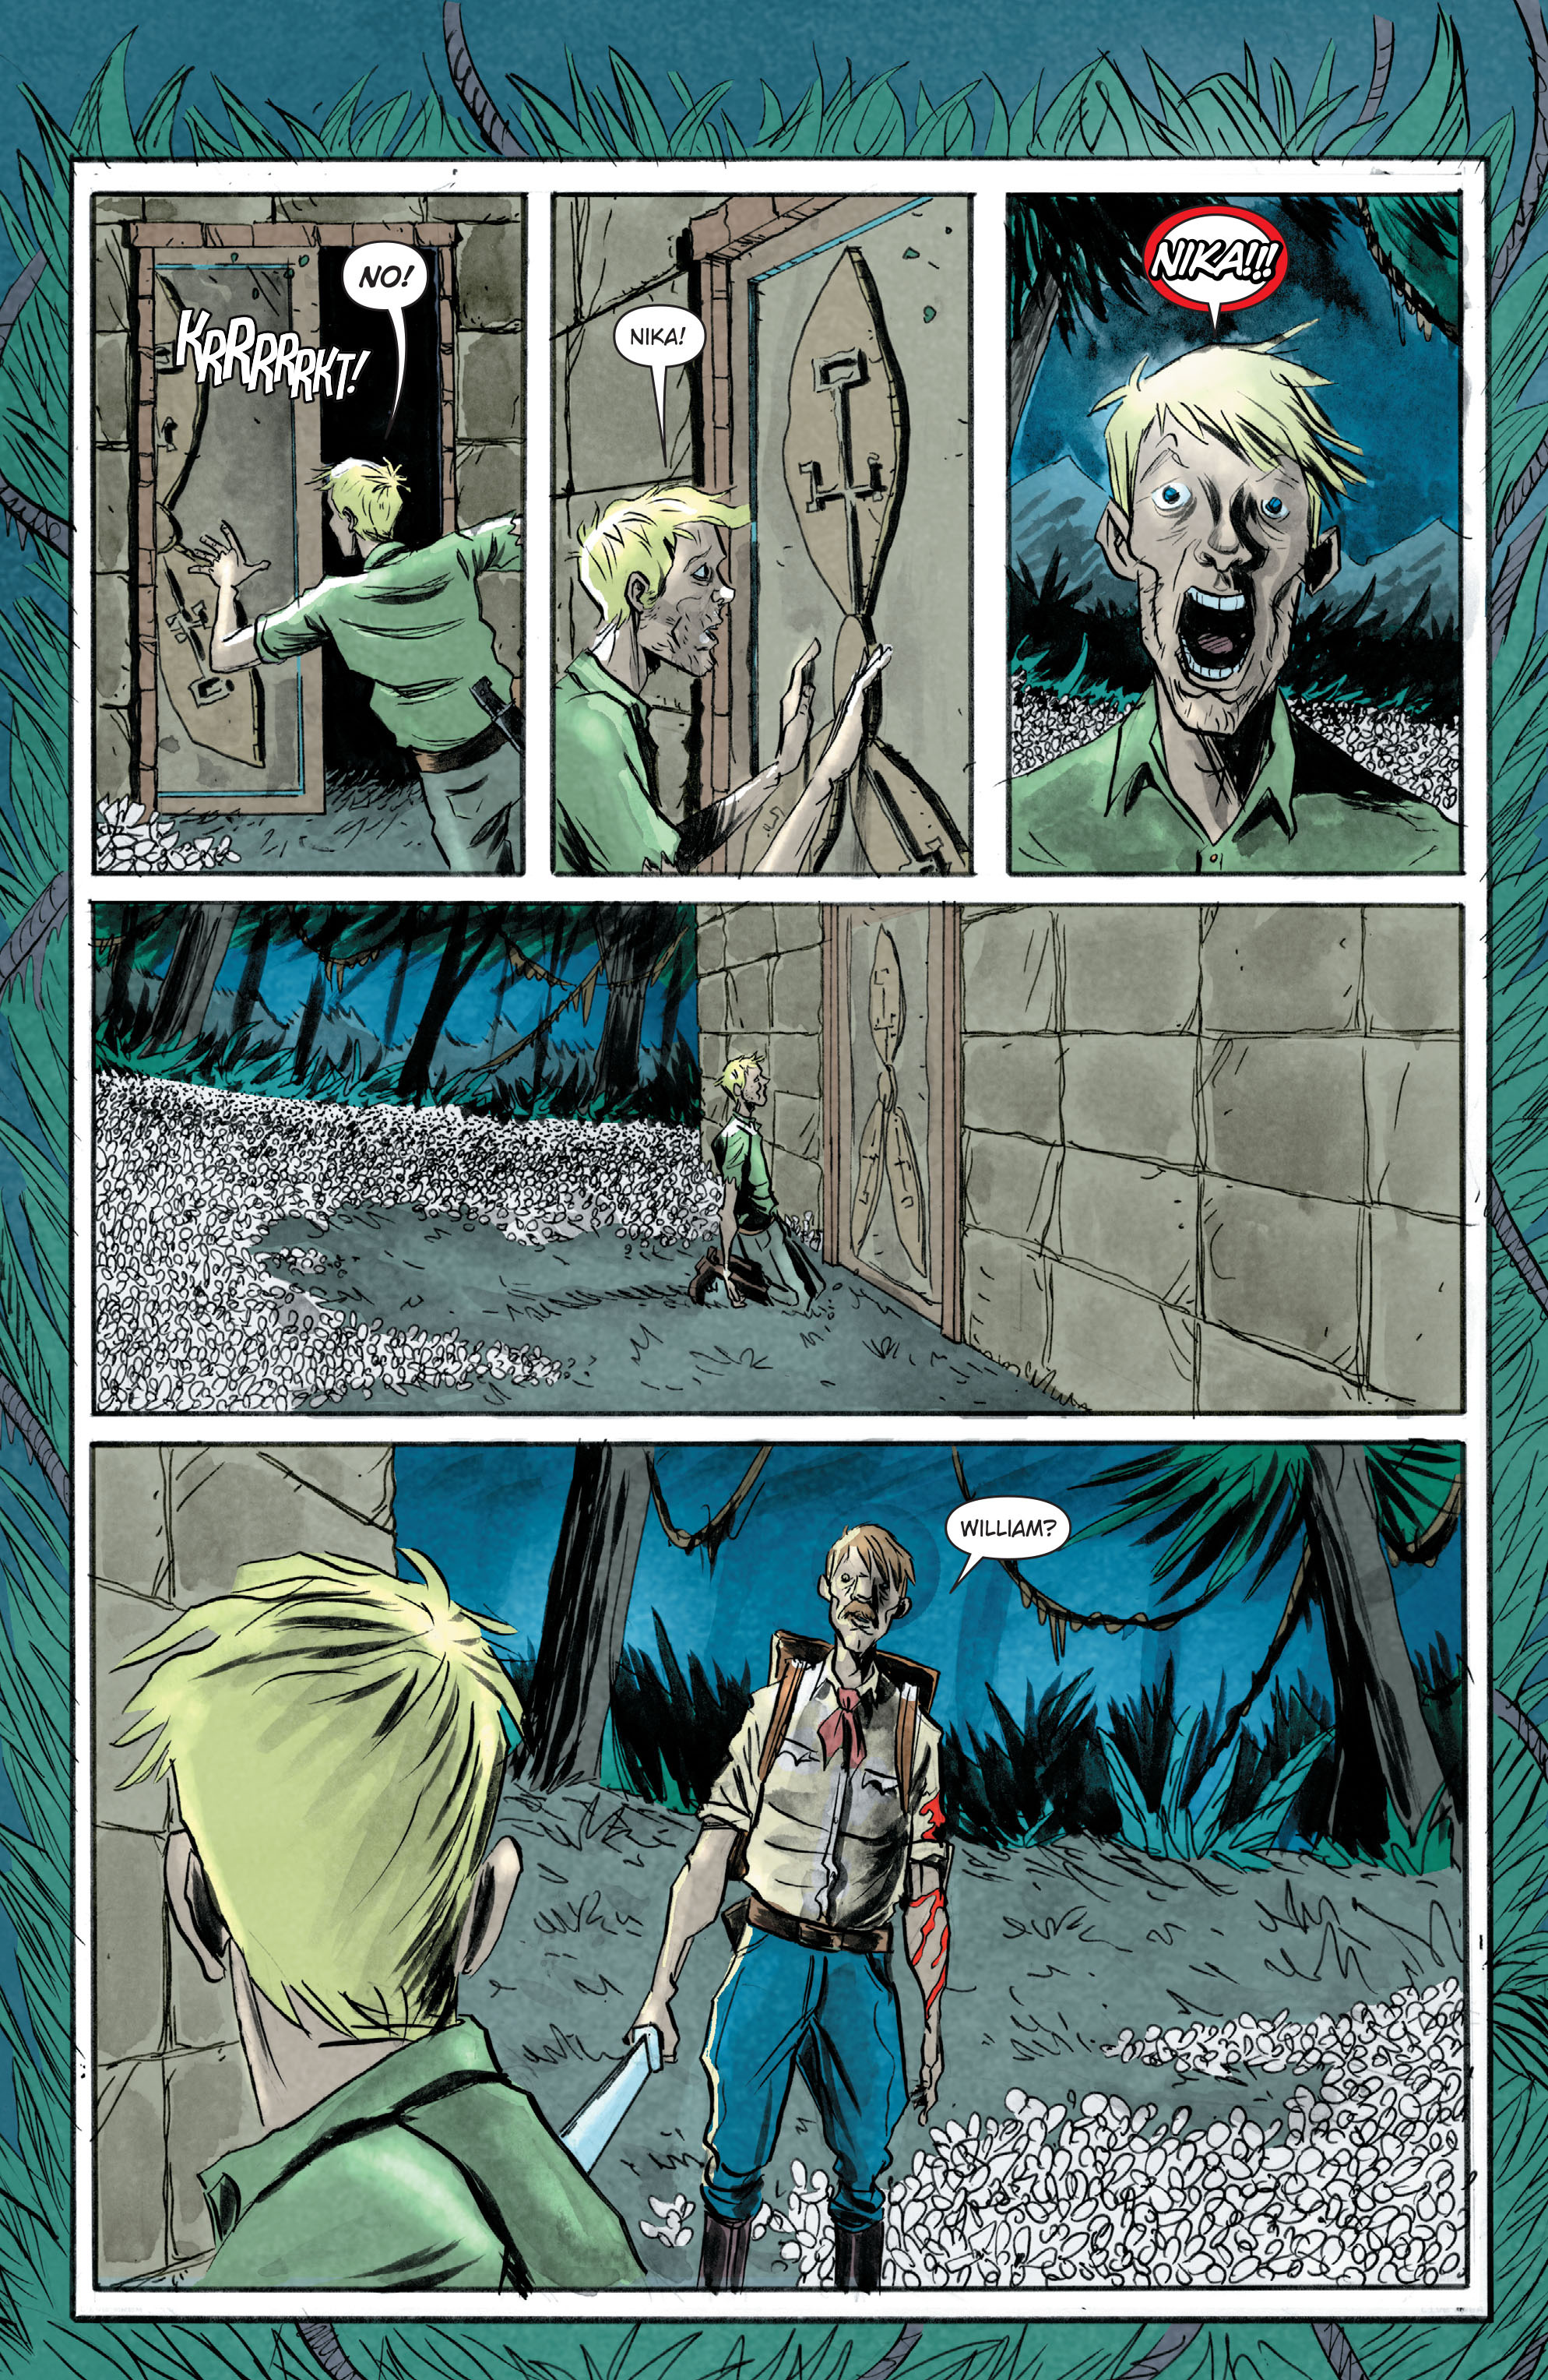 Read online Trillium comic -  Issue # TPB - 53